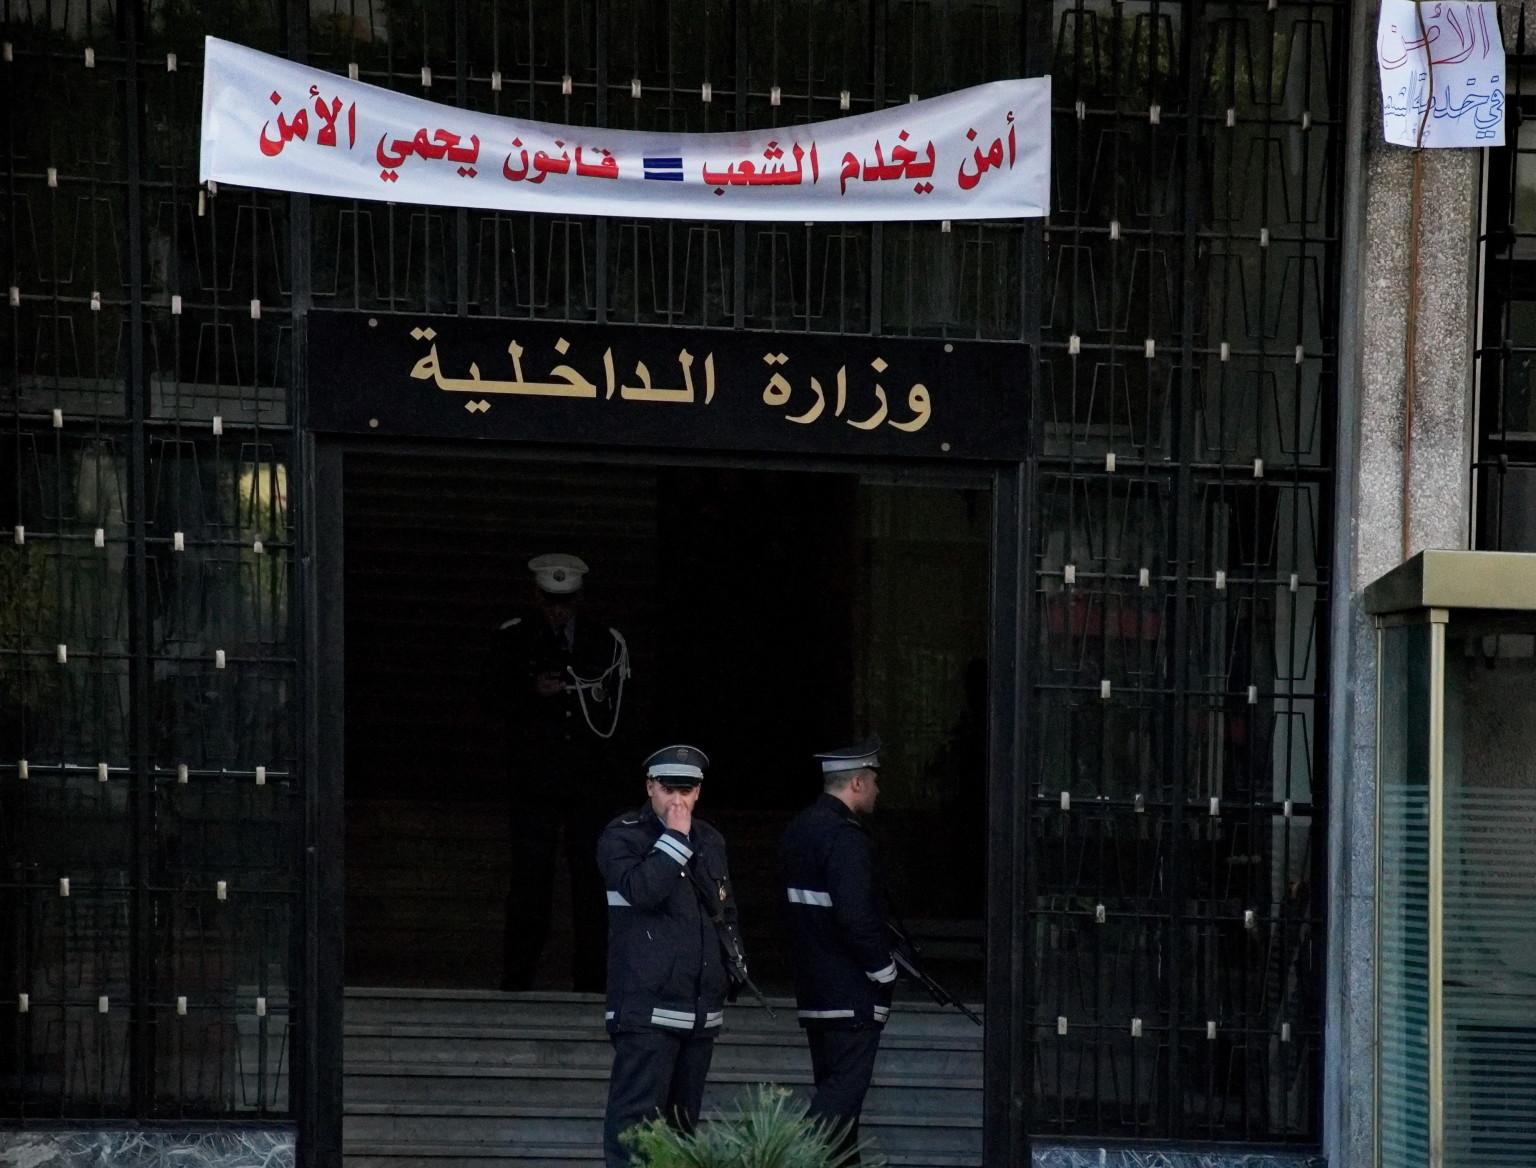 Le minist re de l 39 int rieur tunisien en musique vid os for Ministere exterieur tunisie